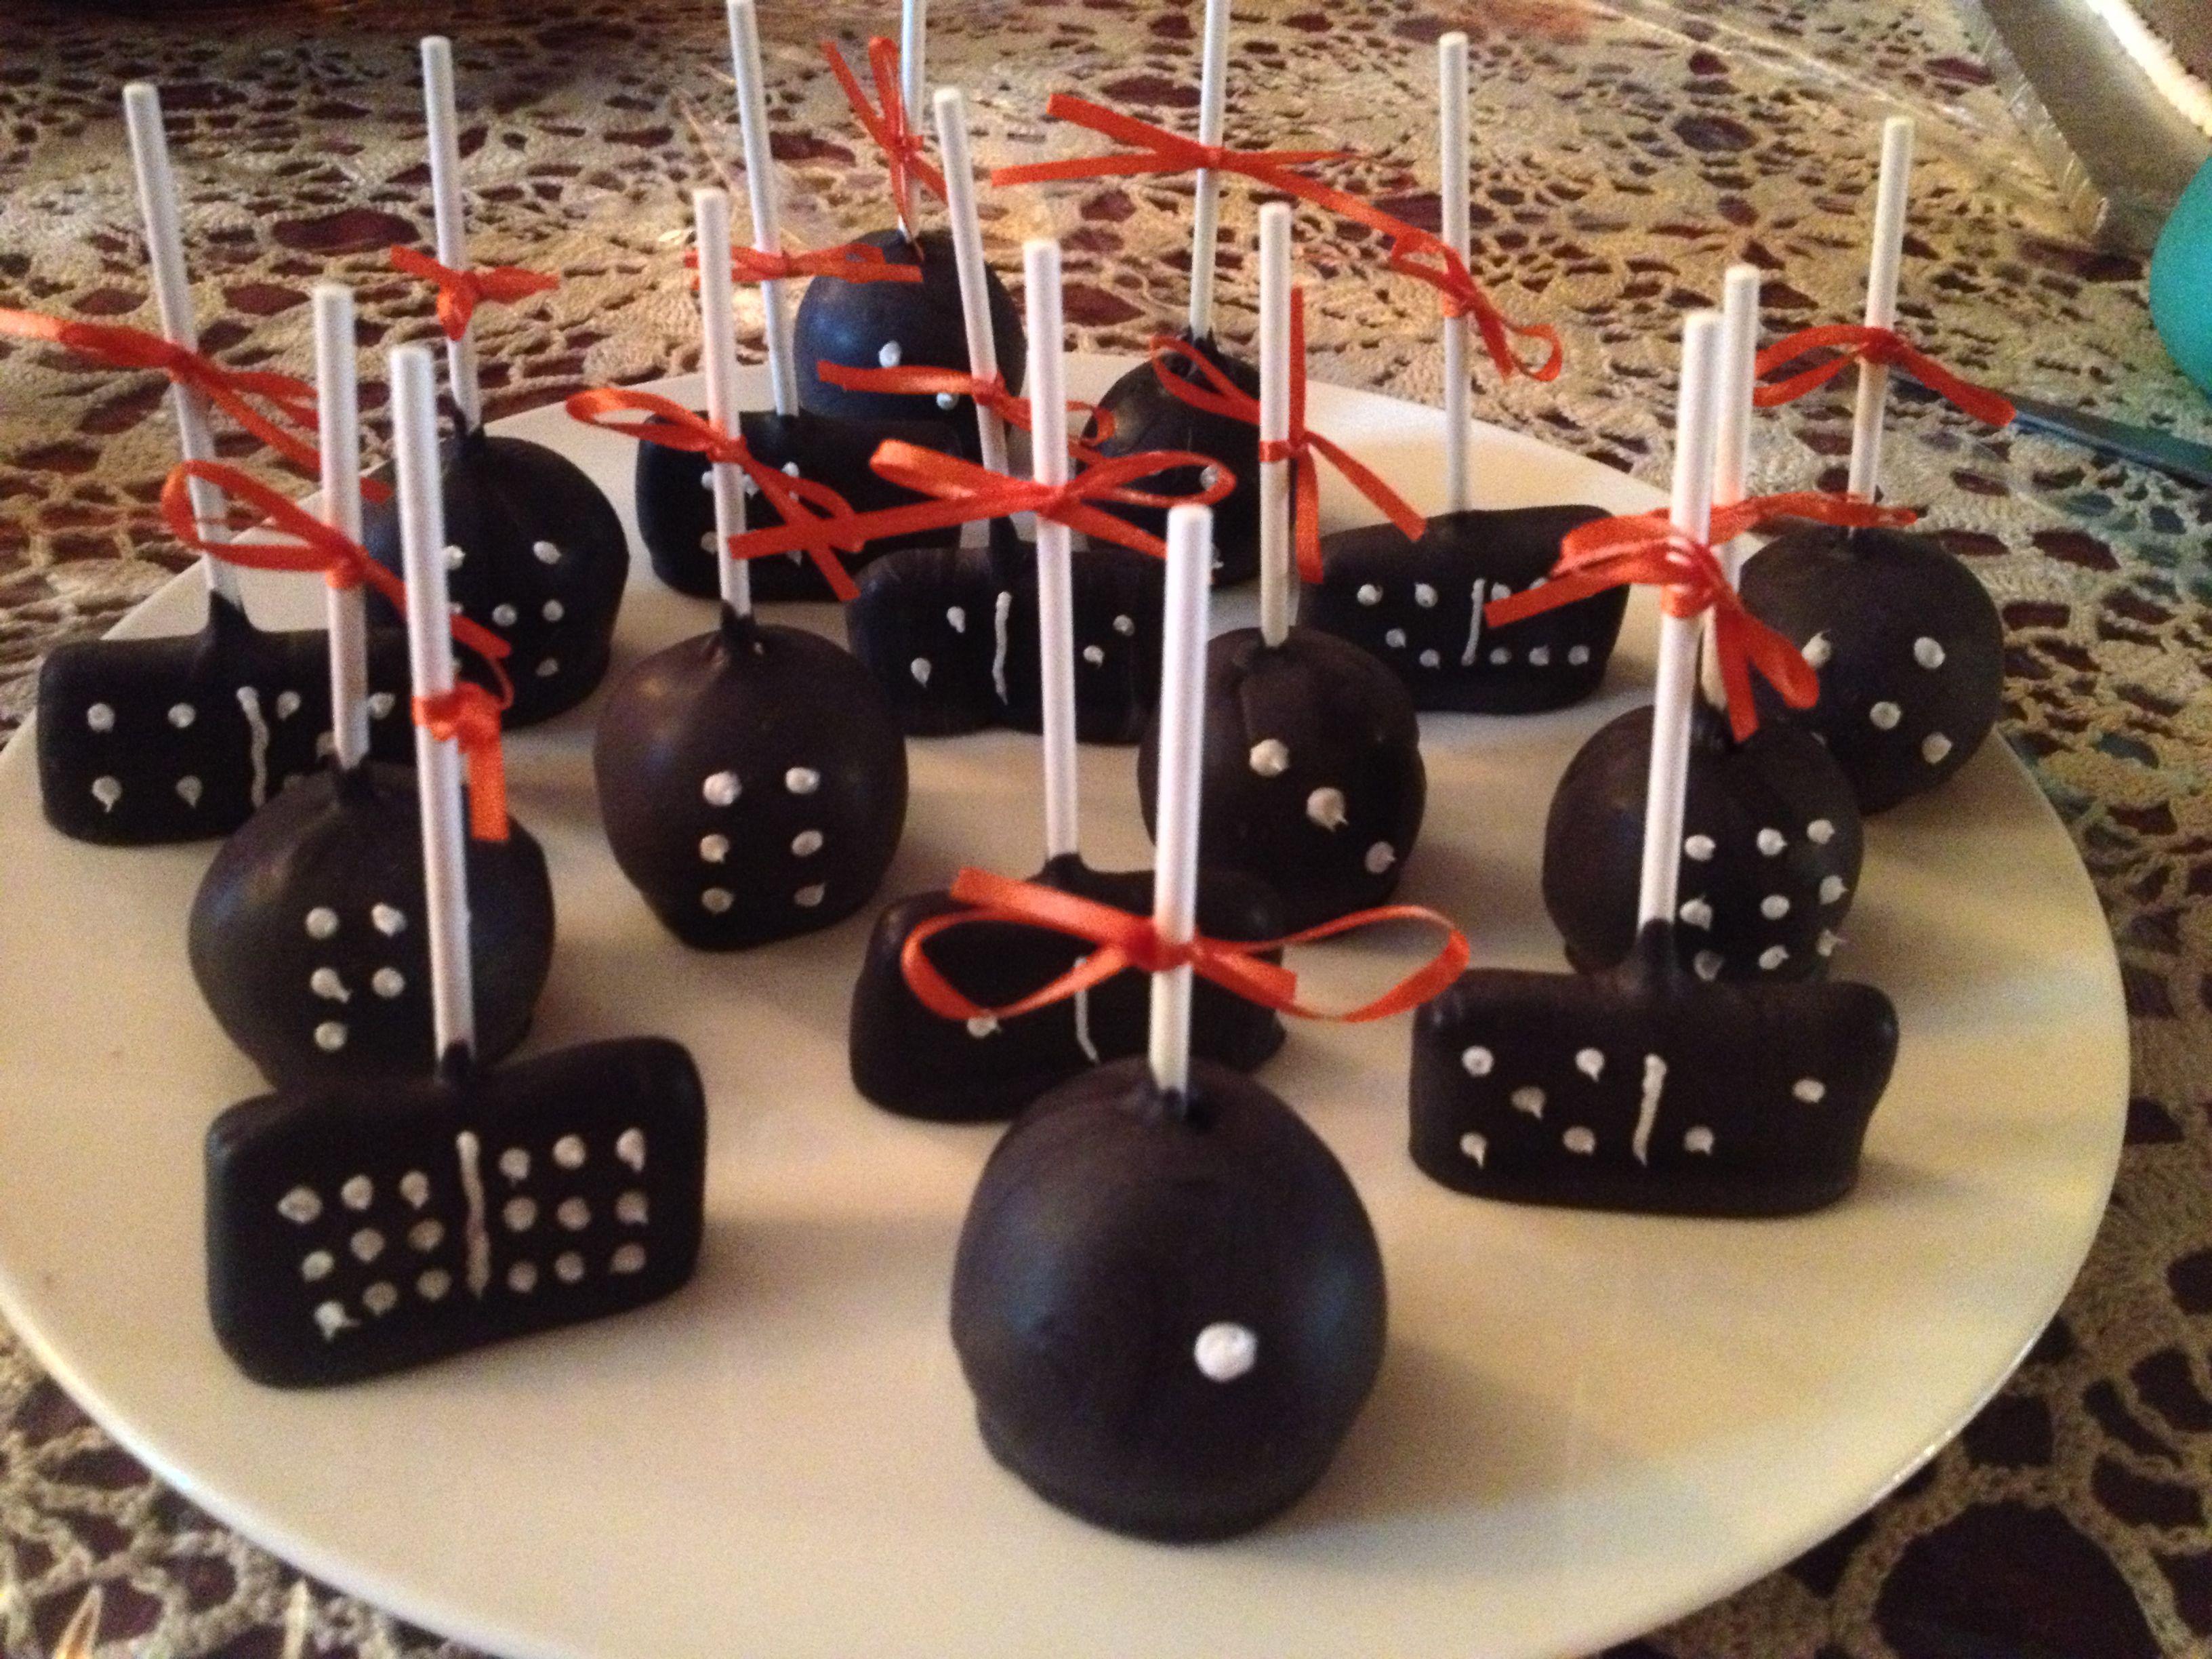 cake pop ideas wedding shower%0A Domino cake pops